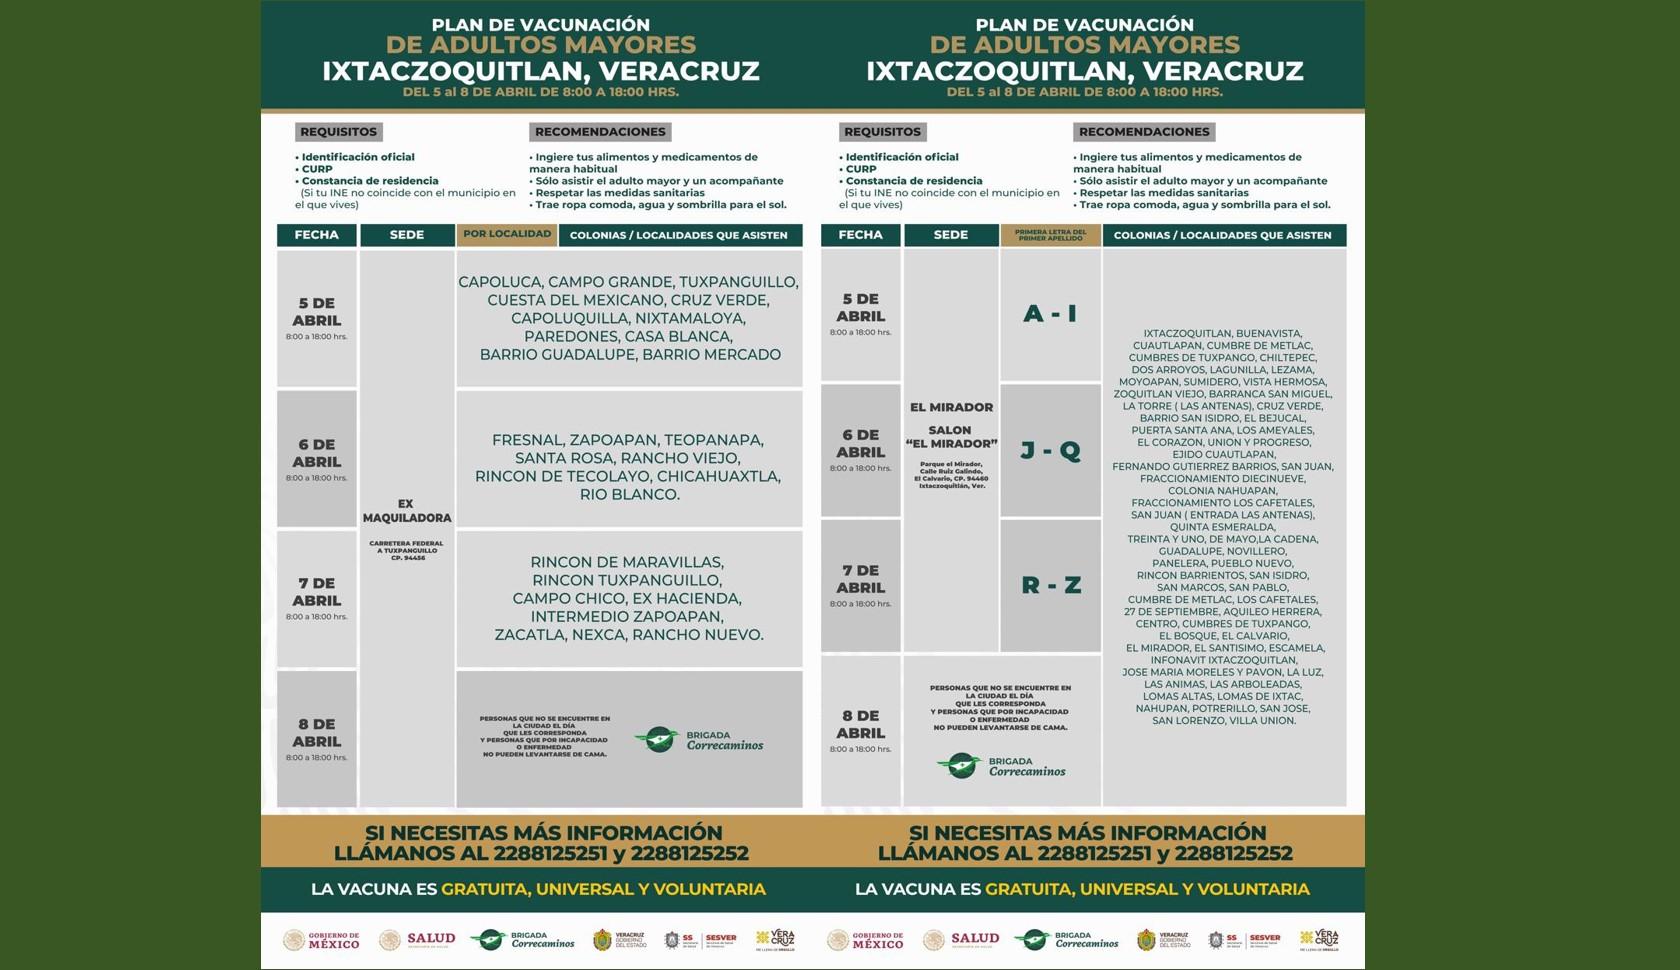 Vacunacion contra el covid en Ixtaczoquitlán